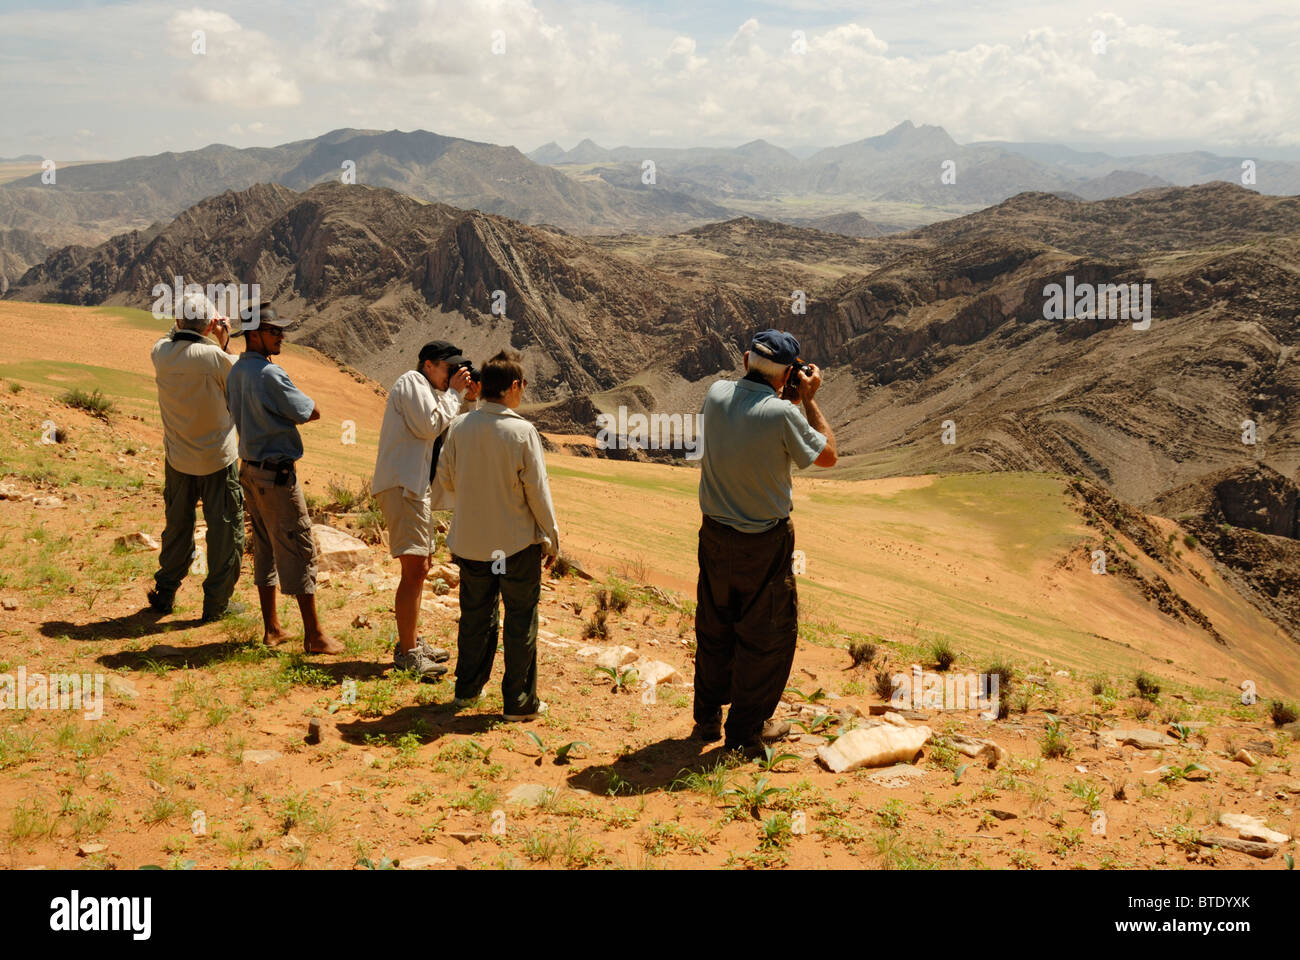 Les touristes à la vallée de la rivière Kunene à Serra Cafema, montagnes et l'Angola en arrière-plan Banque D'Images